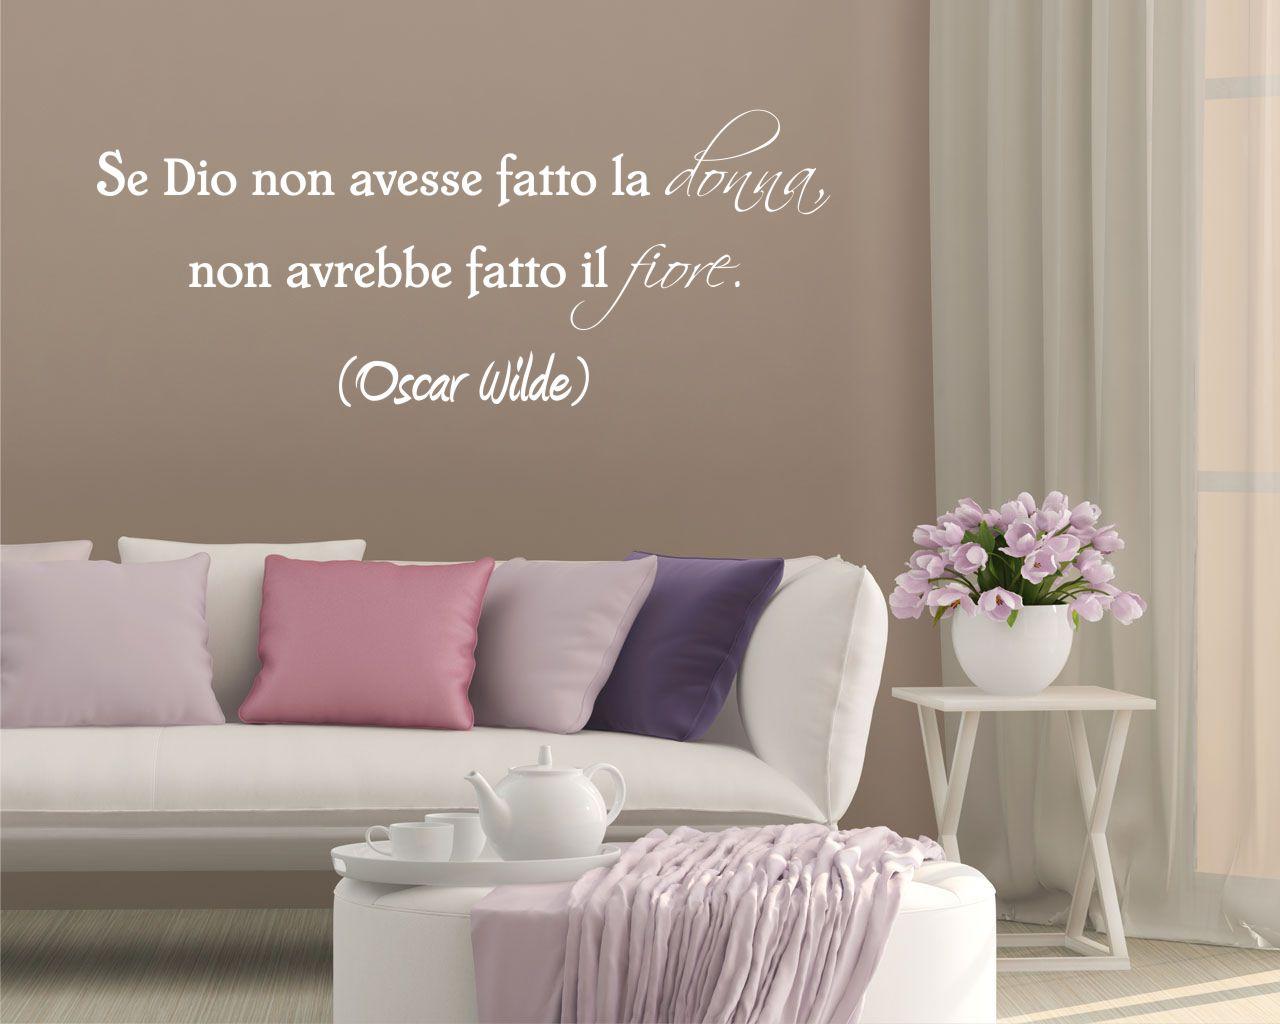 Oscar Wilde La Donna è Un Fiore Frasi Aforismi Citazioni Adesivo Murale